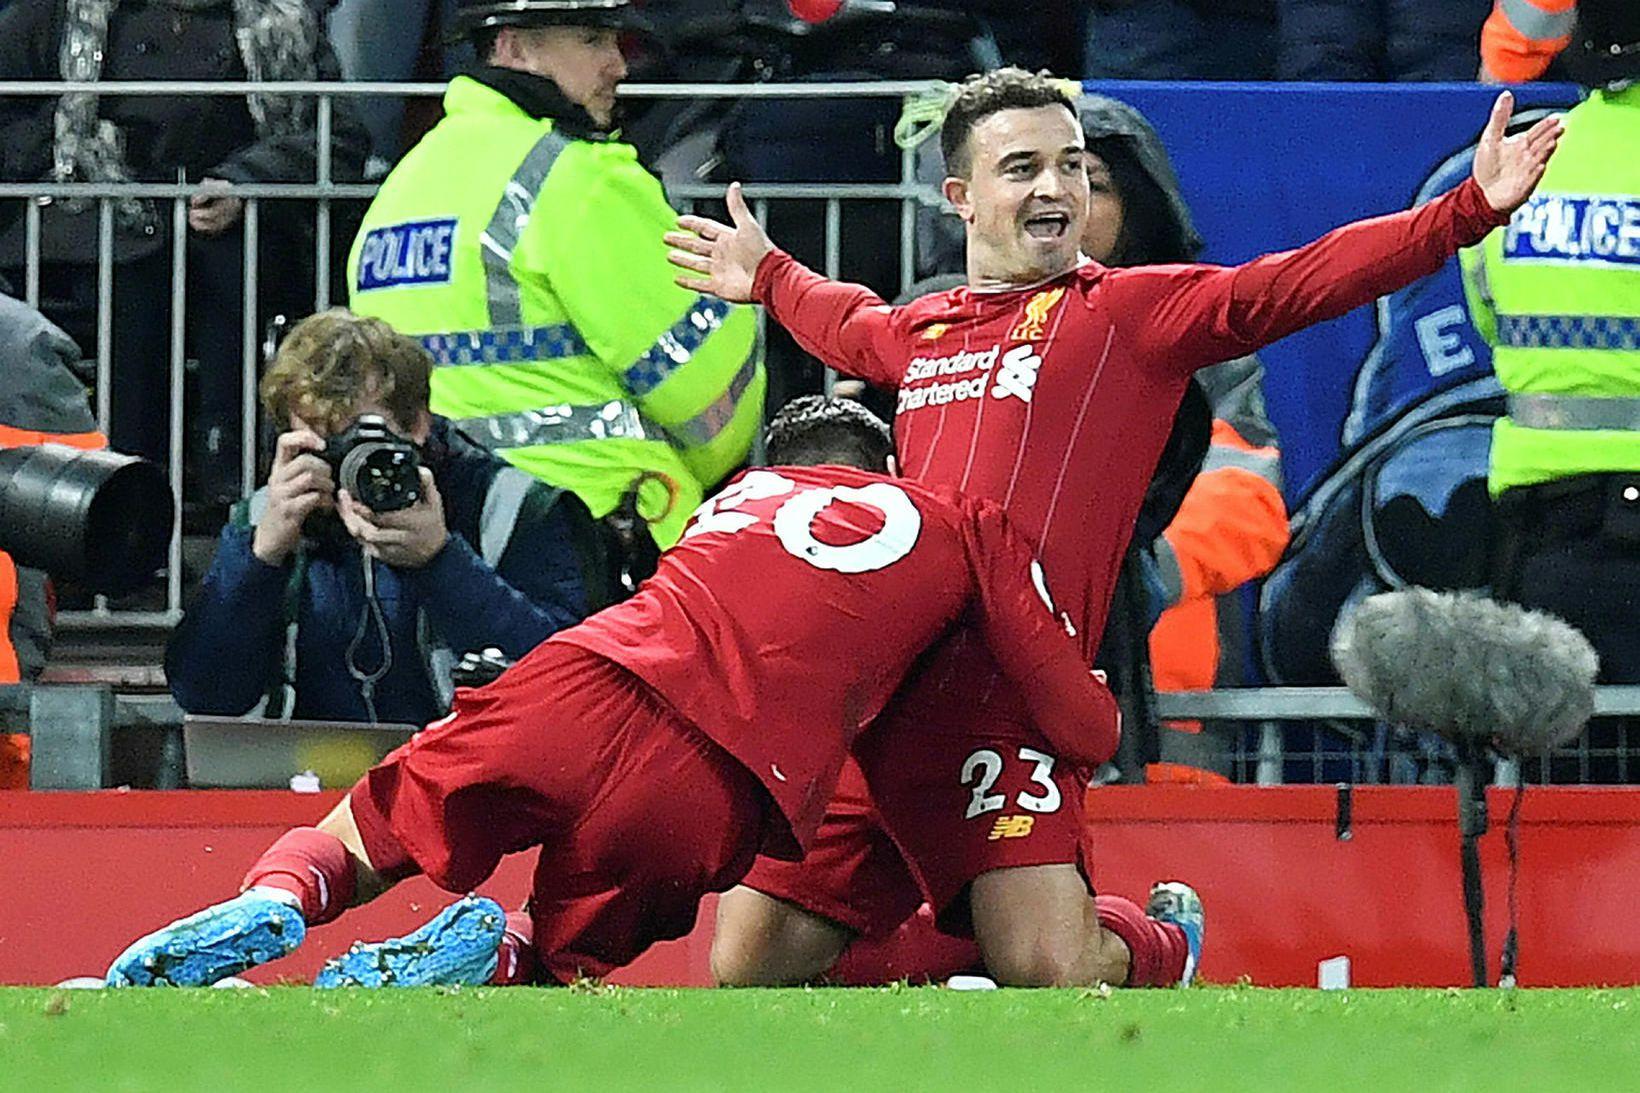 Xherdan Shaqiri átti mjög góðan leik í 5:2-sigri Liverpool gegn …